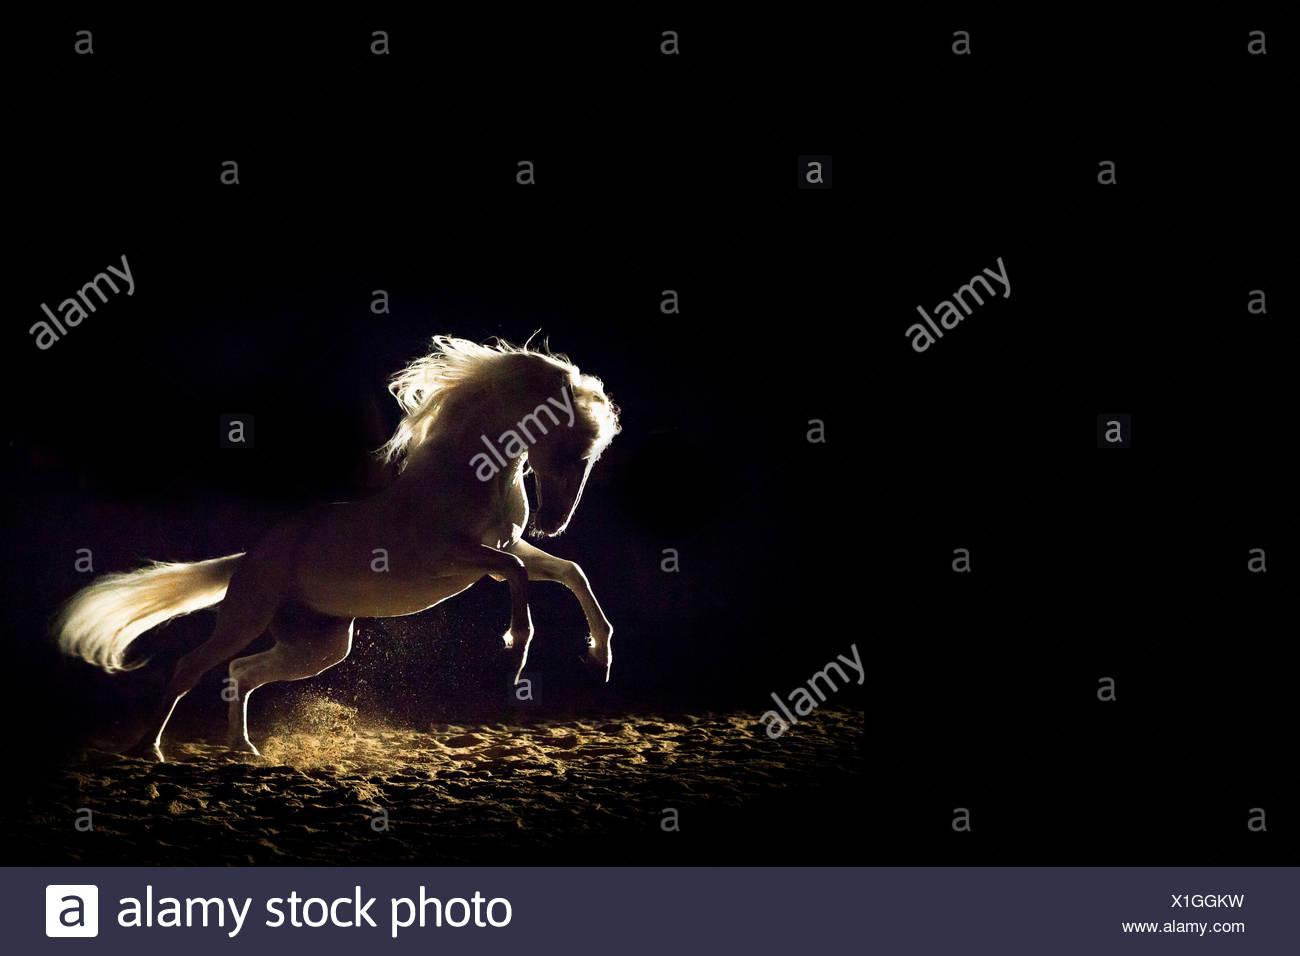 Alter Real Hengst im Galopp Hintergrundbeleuchtung vor schwarzem Hintergrund Deutschland zu sehen Stockbild